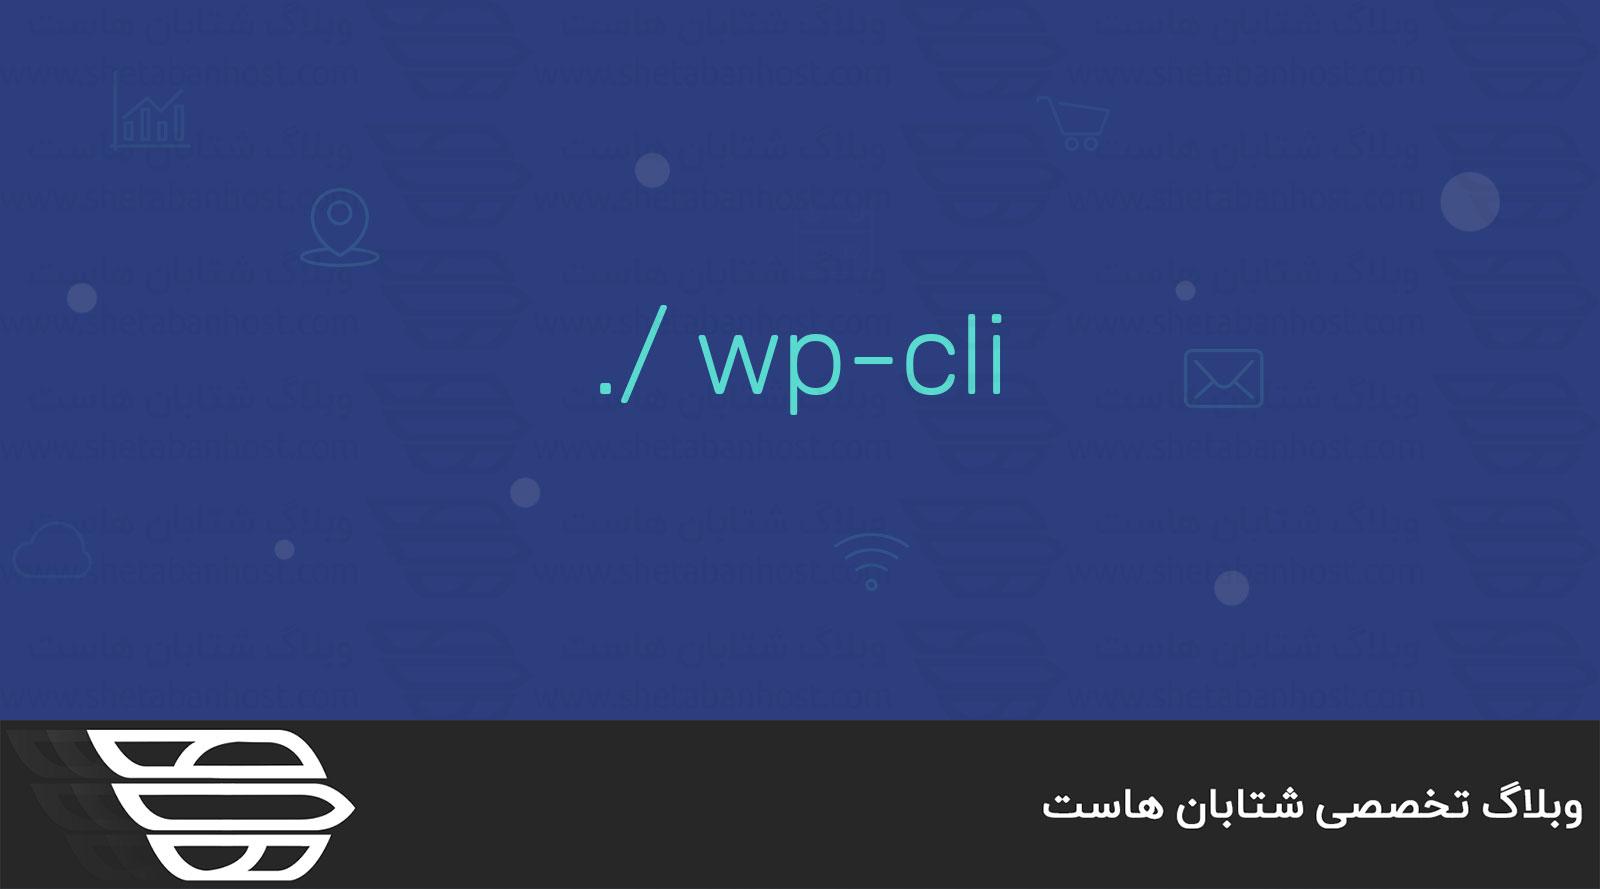 نحوه نصب wp-cli بر روی سرور